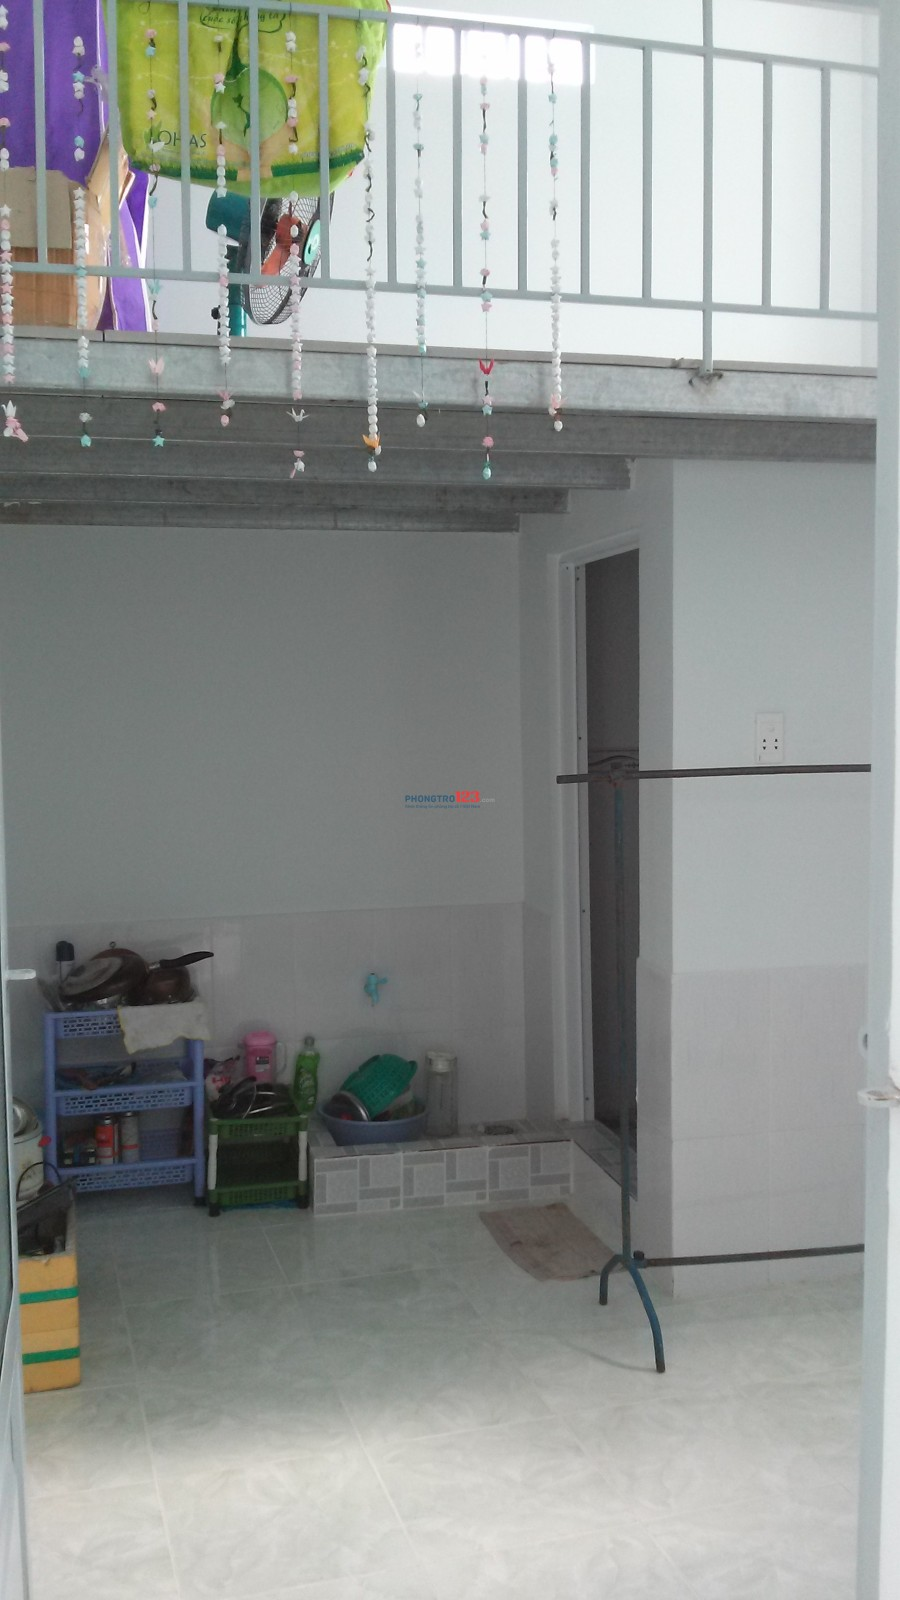 Cho nữ thuê phòng trọ cao cấp mới xây đường Nguyễn Thị Tú, sạch và mát, 1.2 triệu/phòng, DT: 18m2